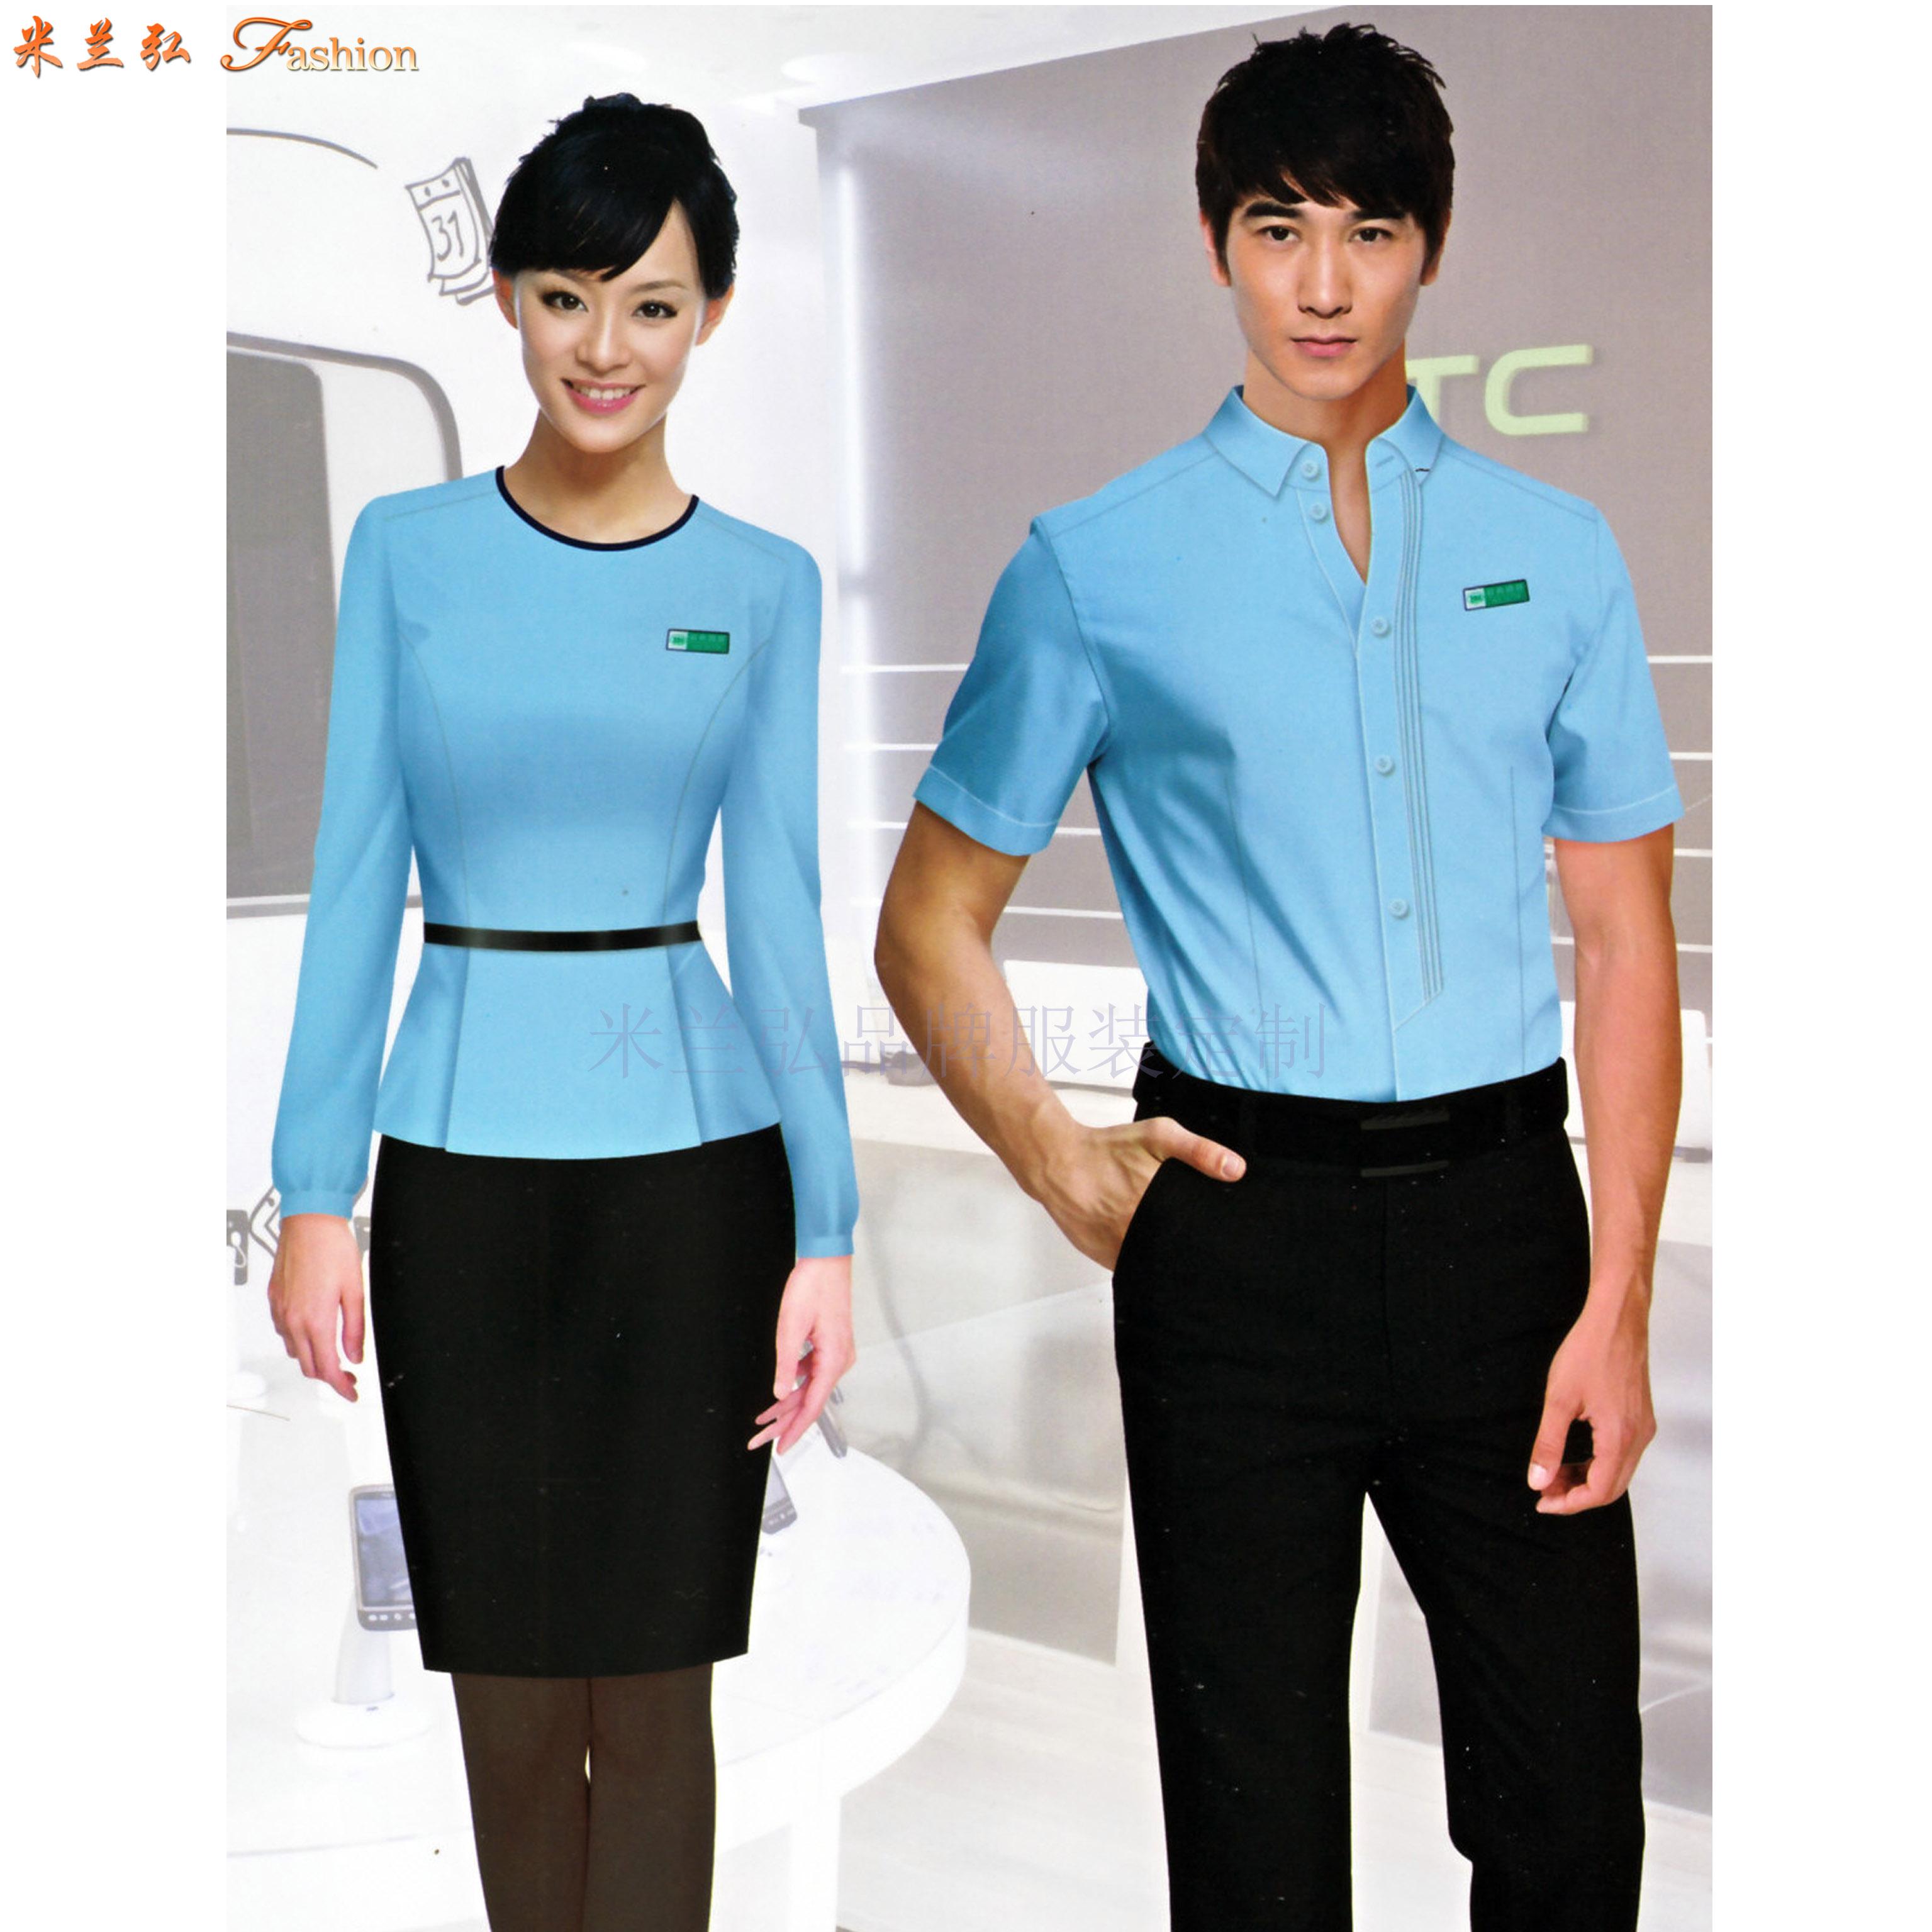 「寧夏襯衫」中衛市量身訂制職業襯衫企業-米蘭弘服裝-5